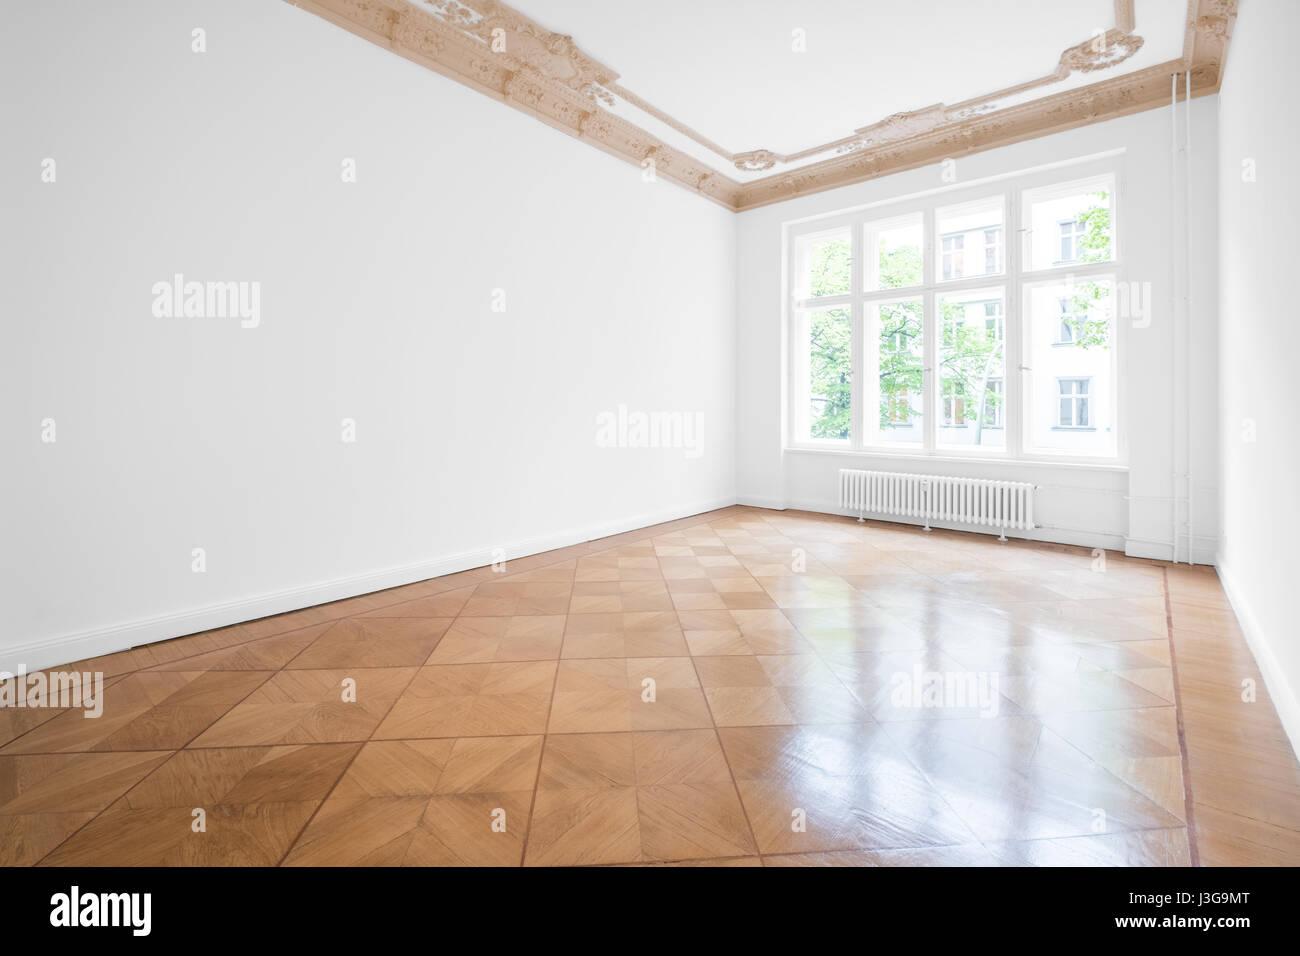 leeren raum mit parkettboden und stuckdecke neu renovierte wohnung im altbau stockfoto bild. Black Bedroom Furniture Sets. Home Design Ideas